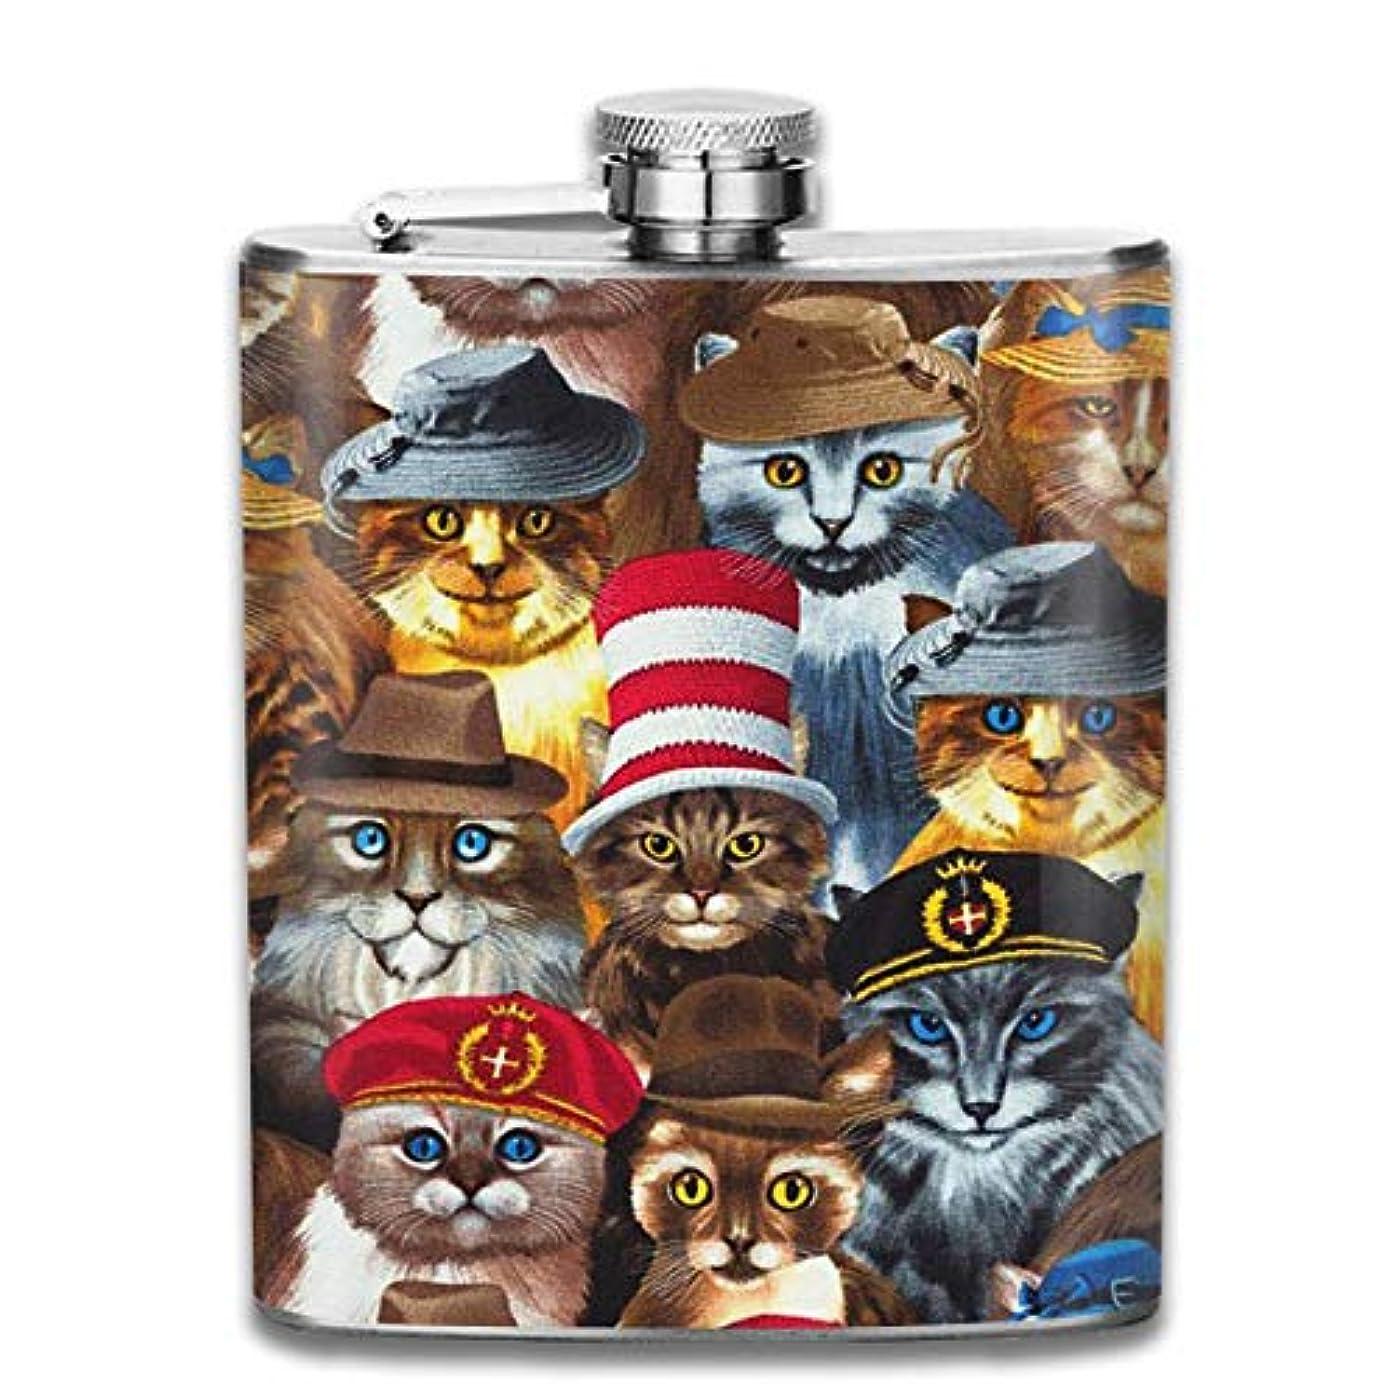 比較的うんざり墓猫の帽子フラスコ スキットル ヒップフラスコ 7オンス 206ml 高品質ステンレス製 ウイスキー アルコール 清酒 携帯 ボトル